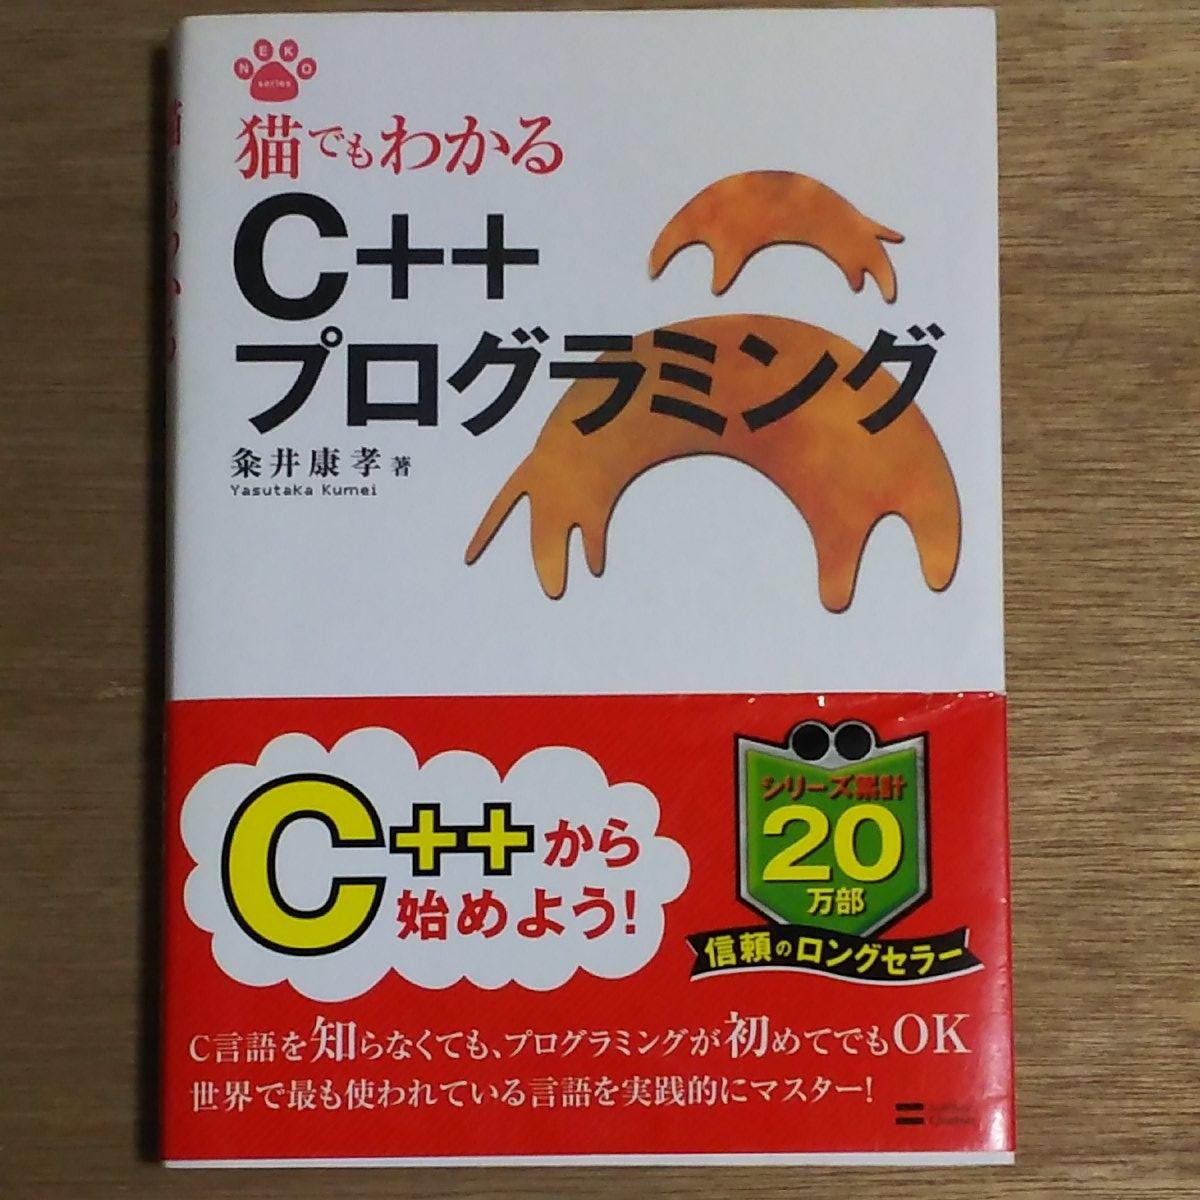 C ++ प्रोग्रामिंग जिसे बिल्लियों Yasutaka Kumei सॉफ्टबैंक सॉफ्टवेयर प्रोग्रामर सॉफ्टवेयर इंजीनियर तकनीशियन, कंप्यूटर और इंटरनेट और भाषा और C / C ++ द्वारा समझा जा सकता है